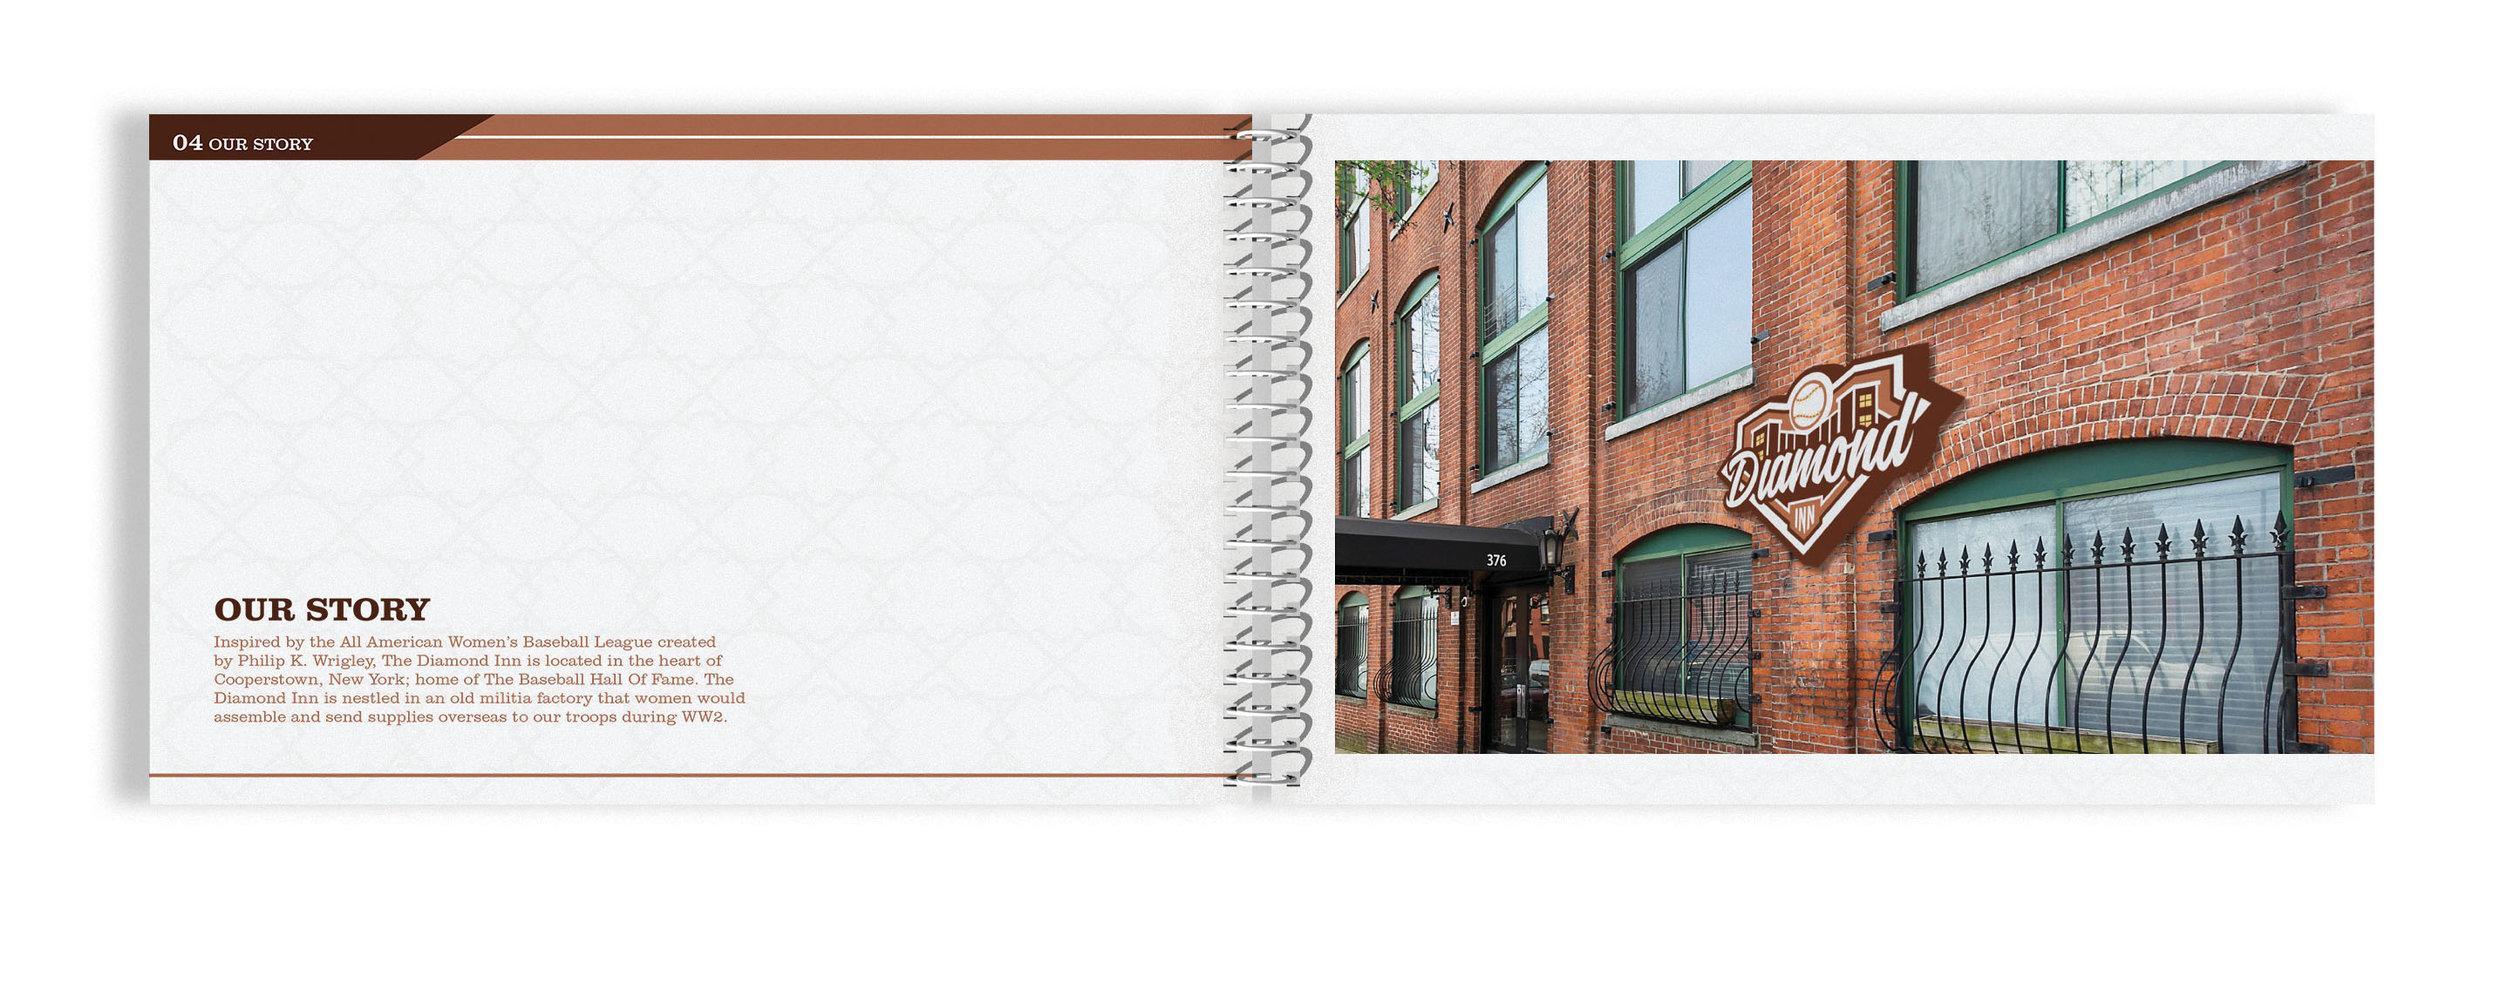 Baseball book spread exterior photo.jpg